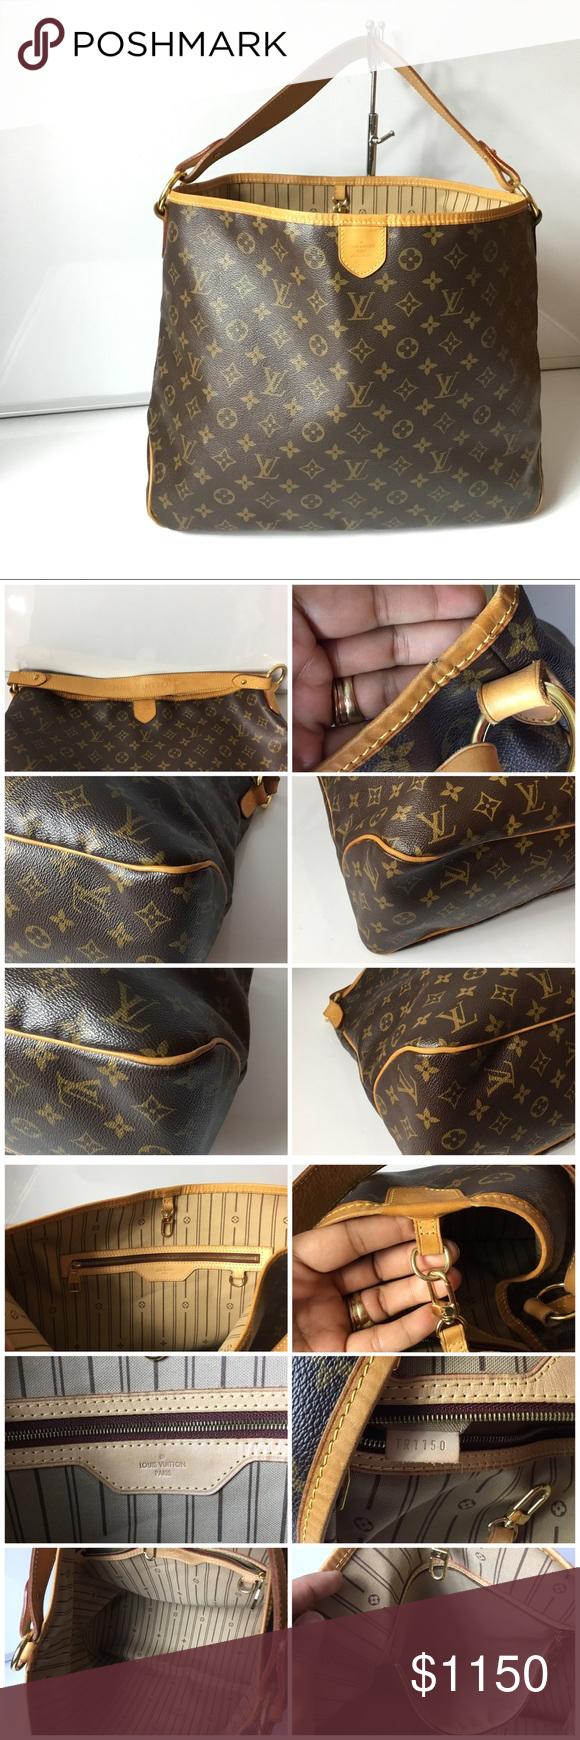 4dd9b0dbd18 100%Authentic Louis Vuitton Delightful MM with Box 100% Authentic Louis  Vuitton Monogram Delightful